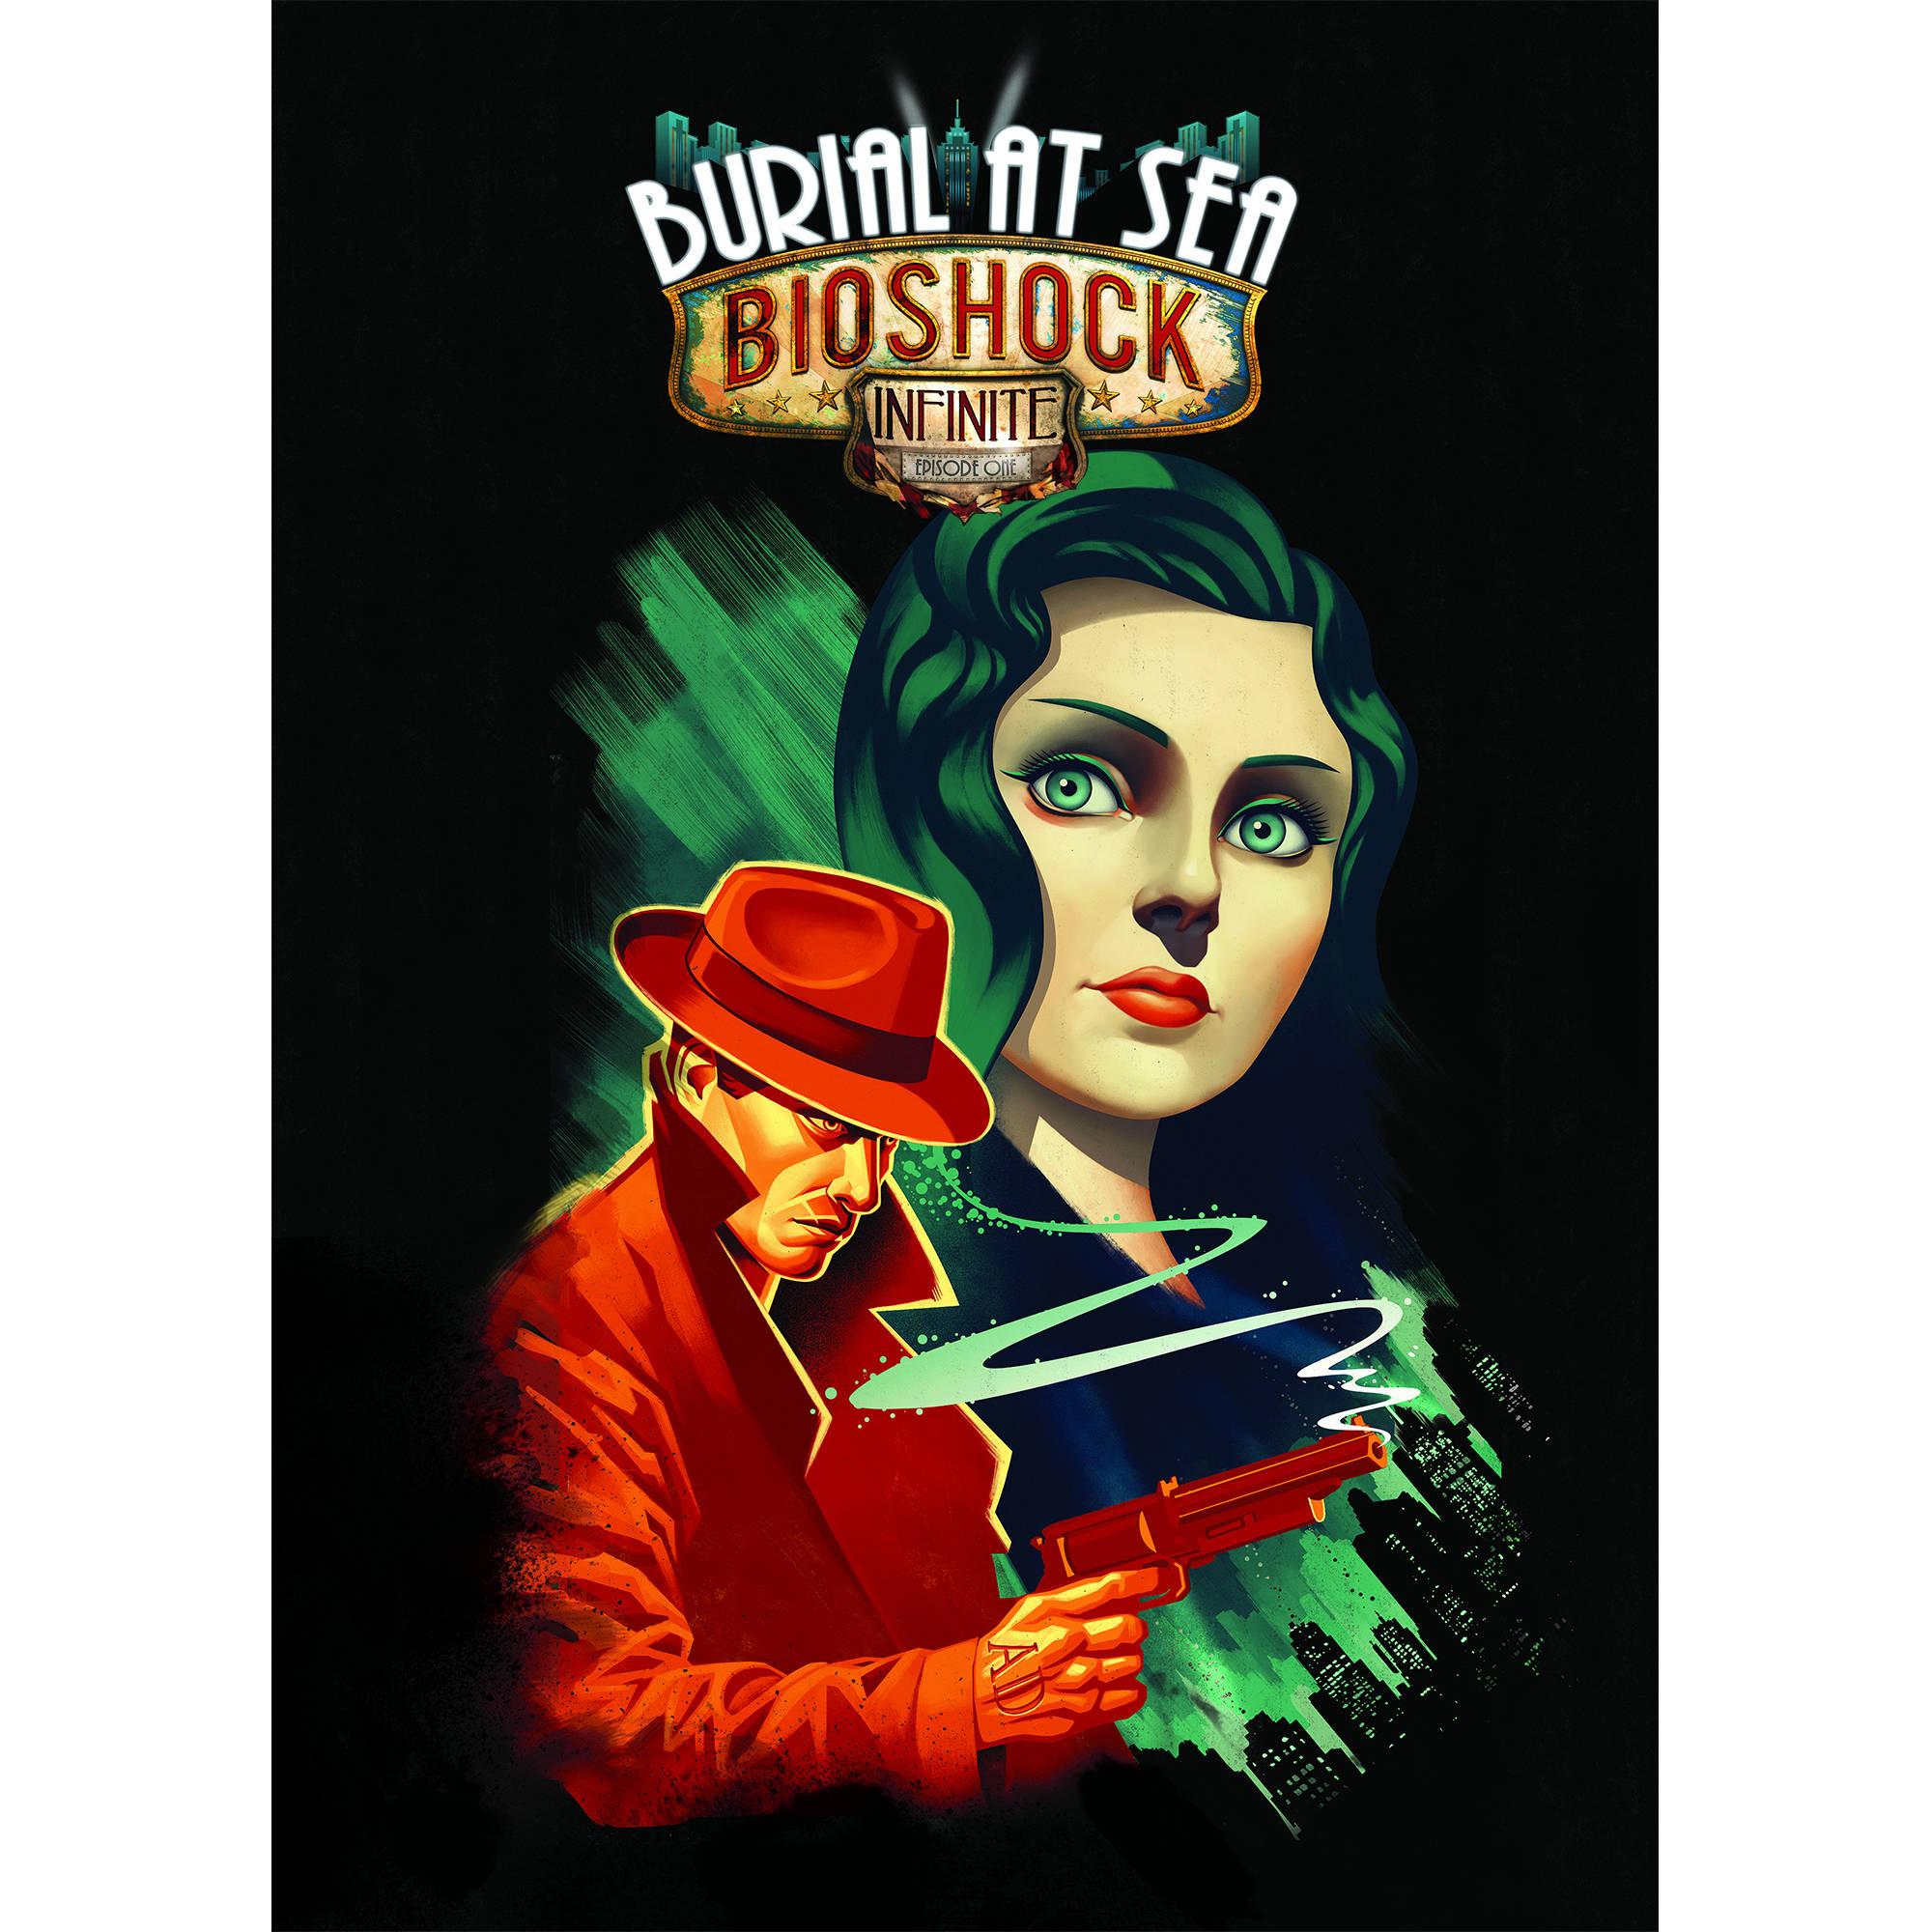 BioShock Infinite: Burial at Sea Episode 1 (PC) (Digital Download)